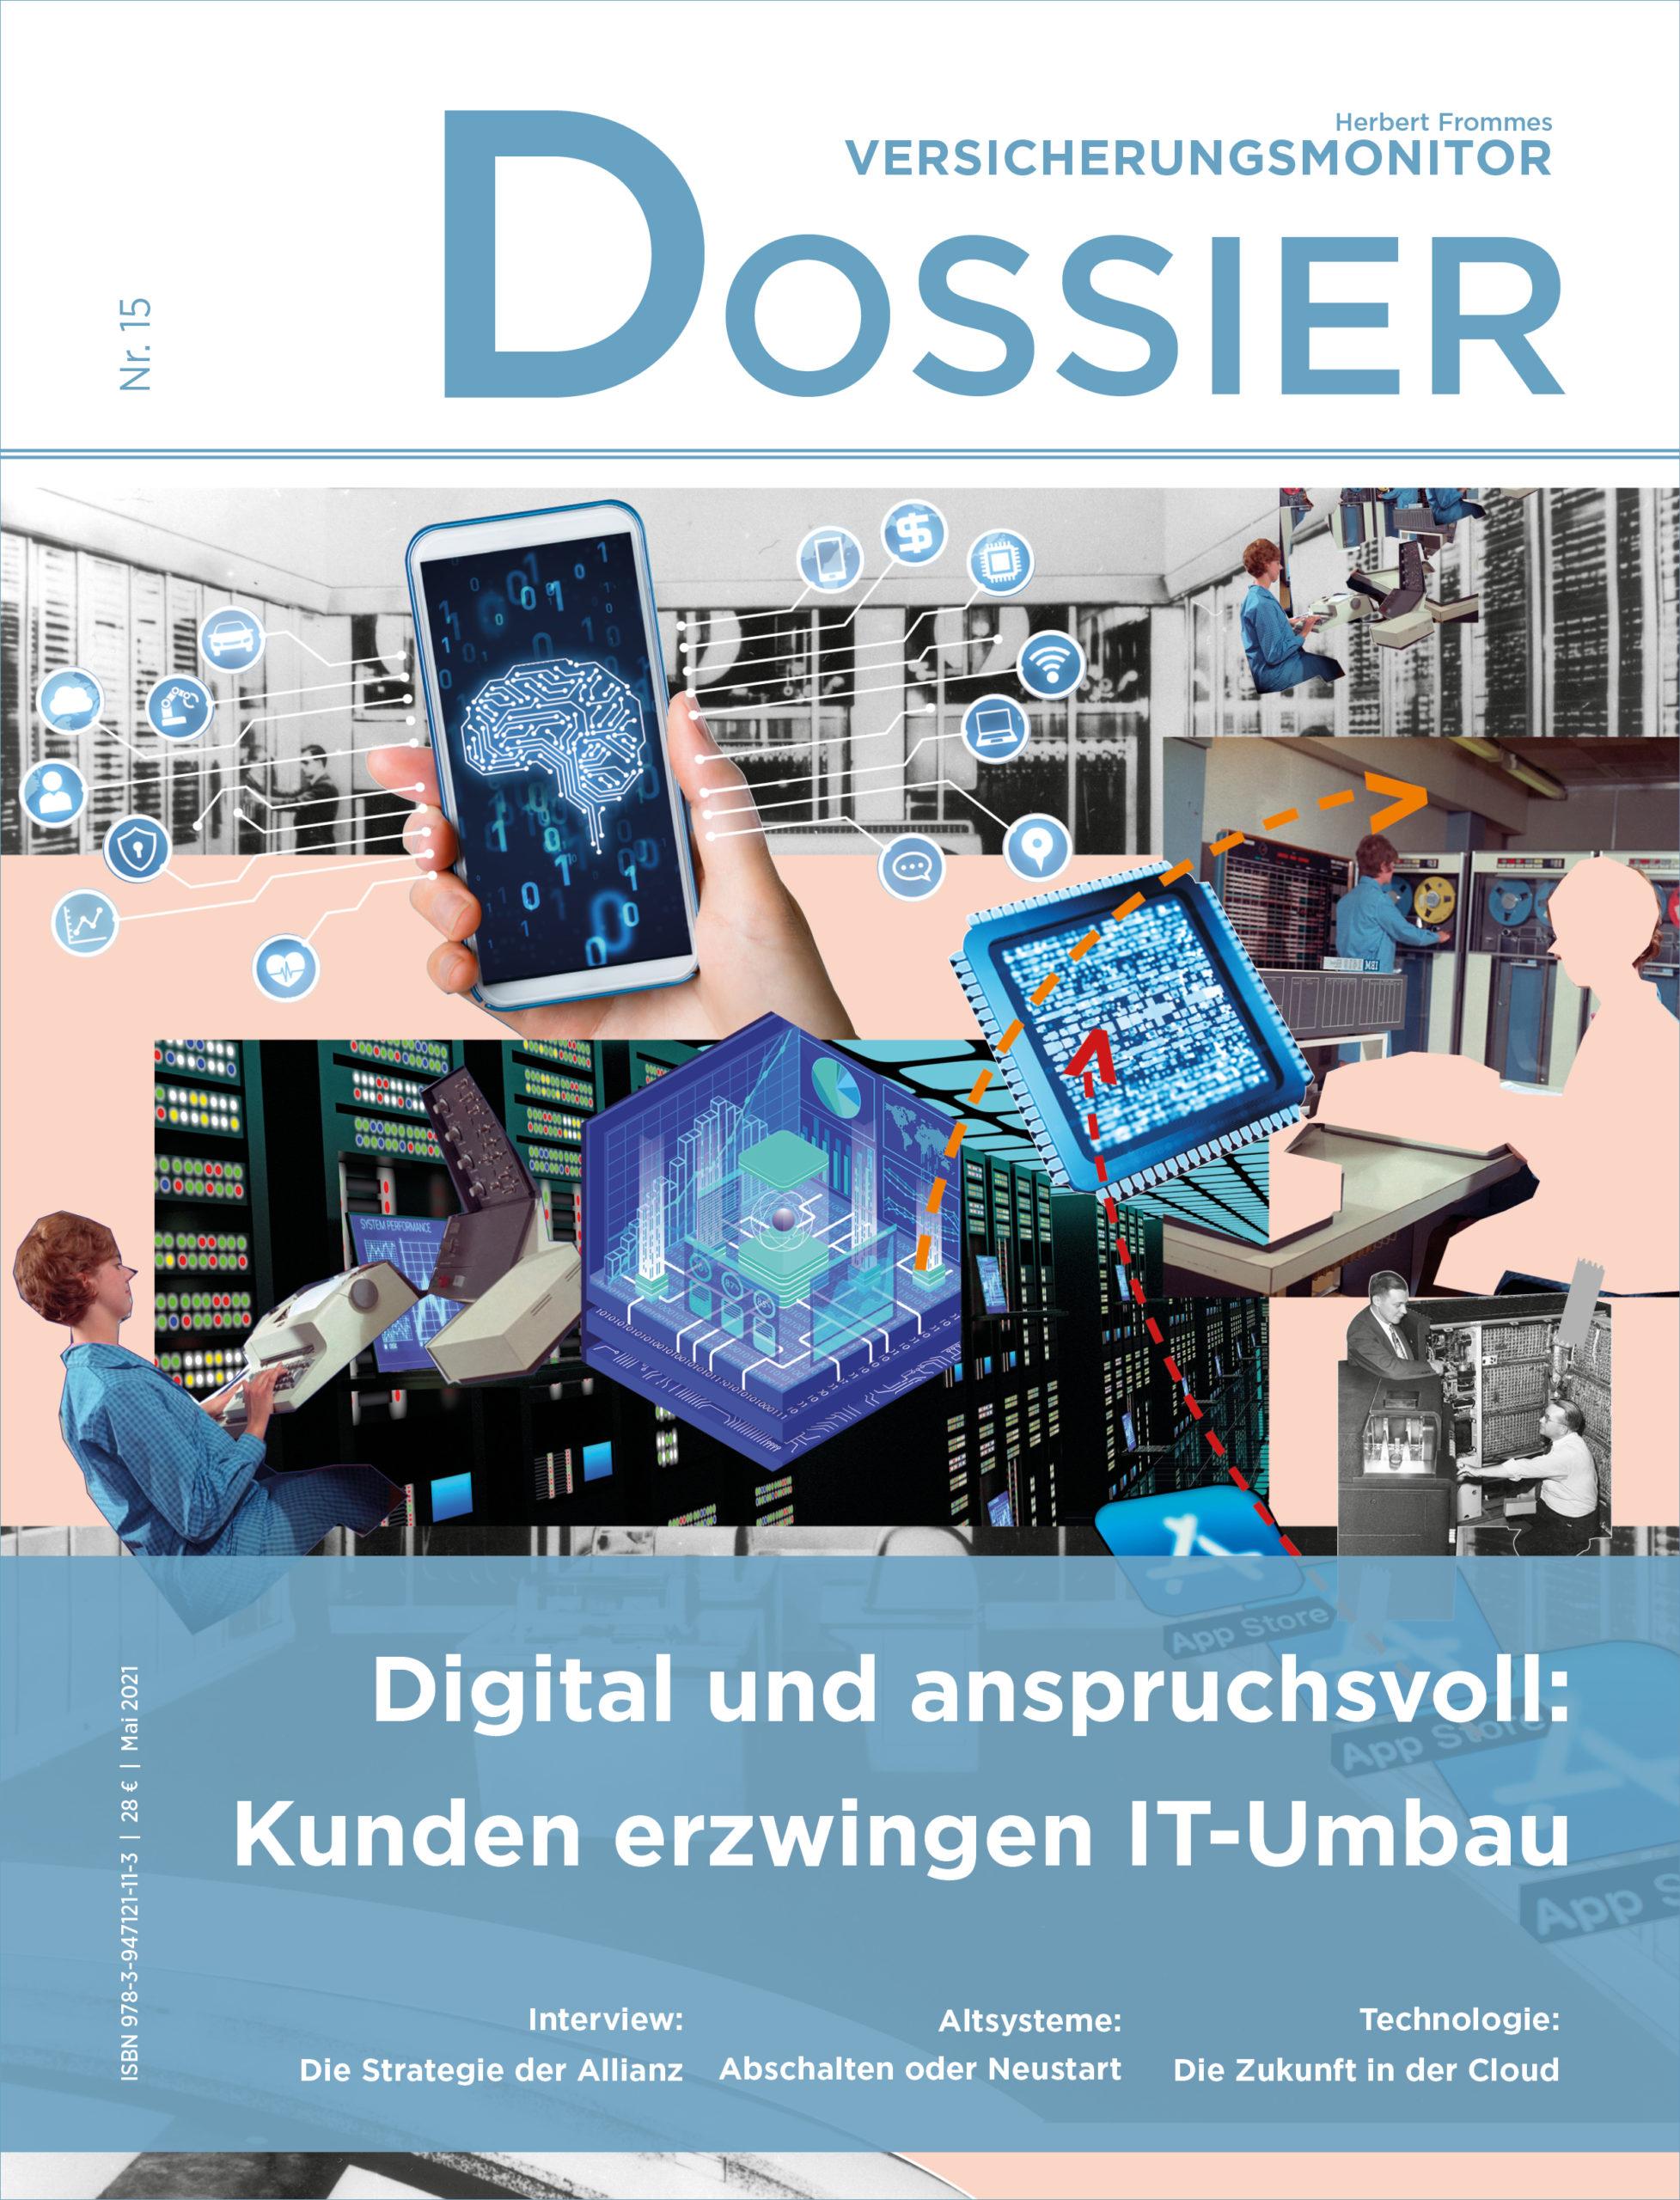 Dossier 15: IT Umbau